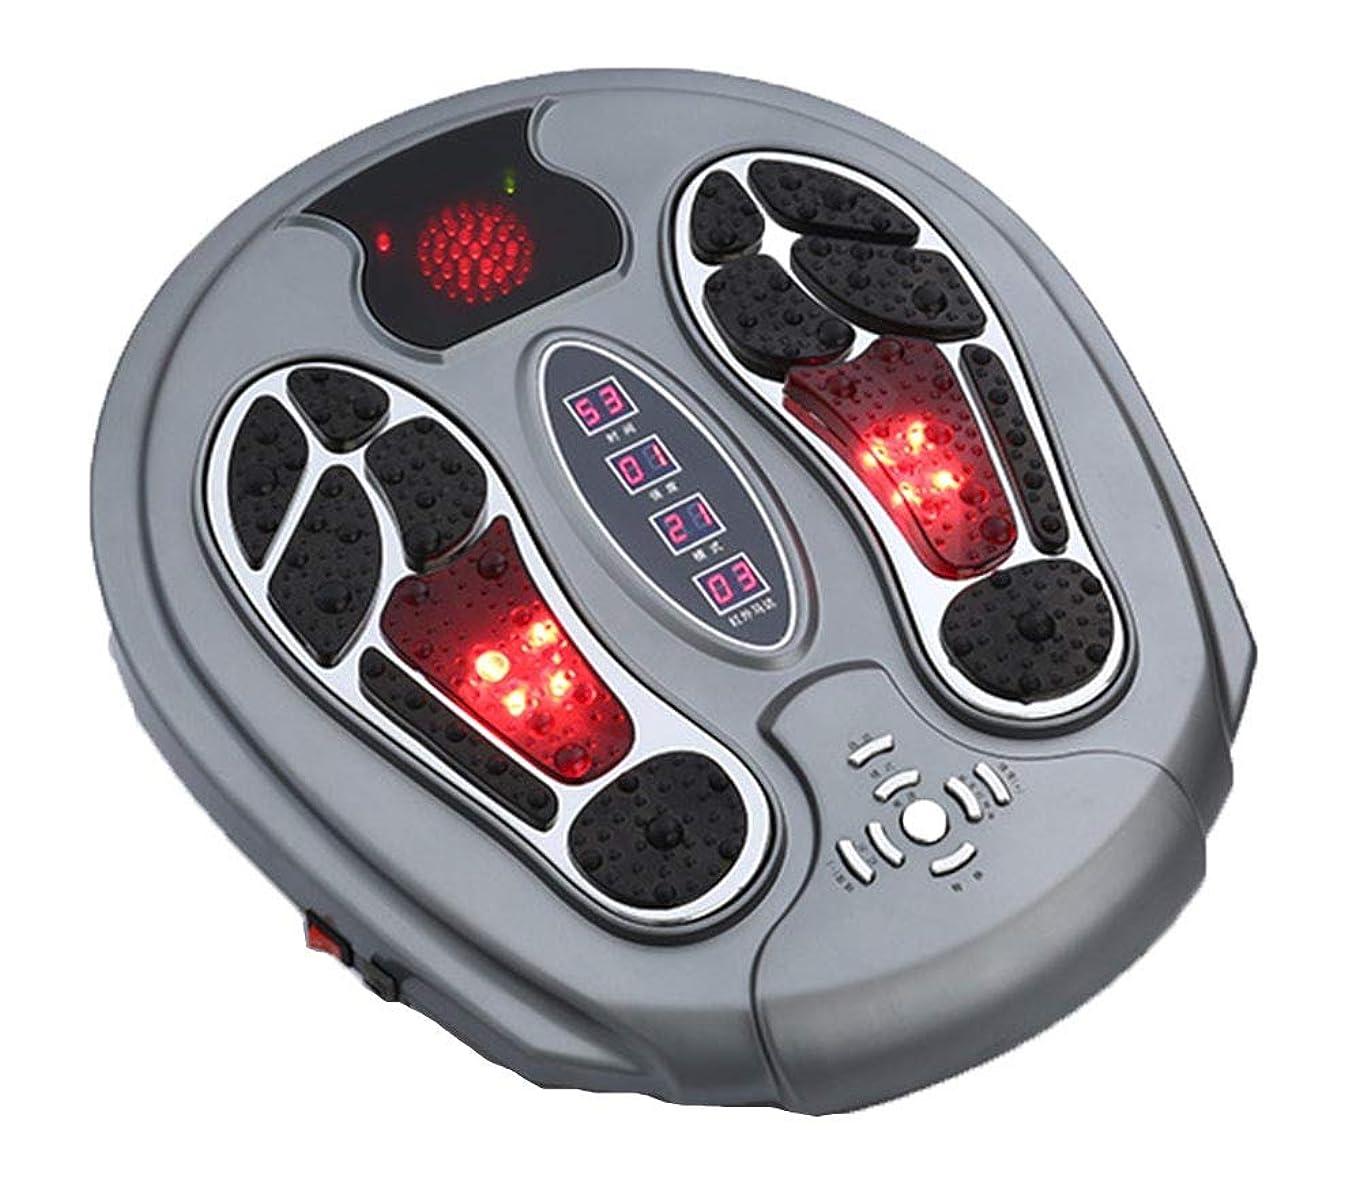 自動車時刻表給料調整可能Foot Massager Stimulator - Booster Circulation、身体を刺激する99の強度設定、赤外線機能付き リラックス